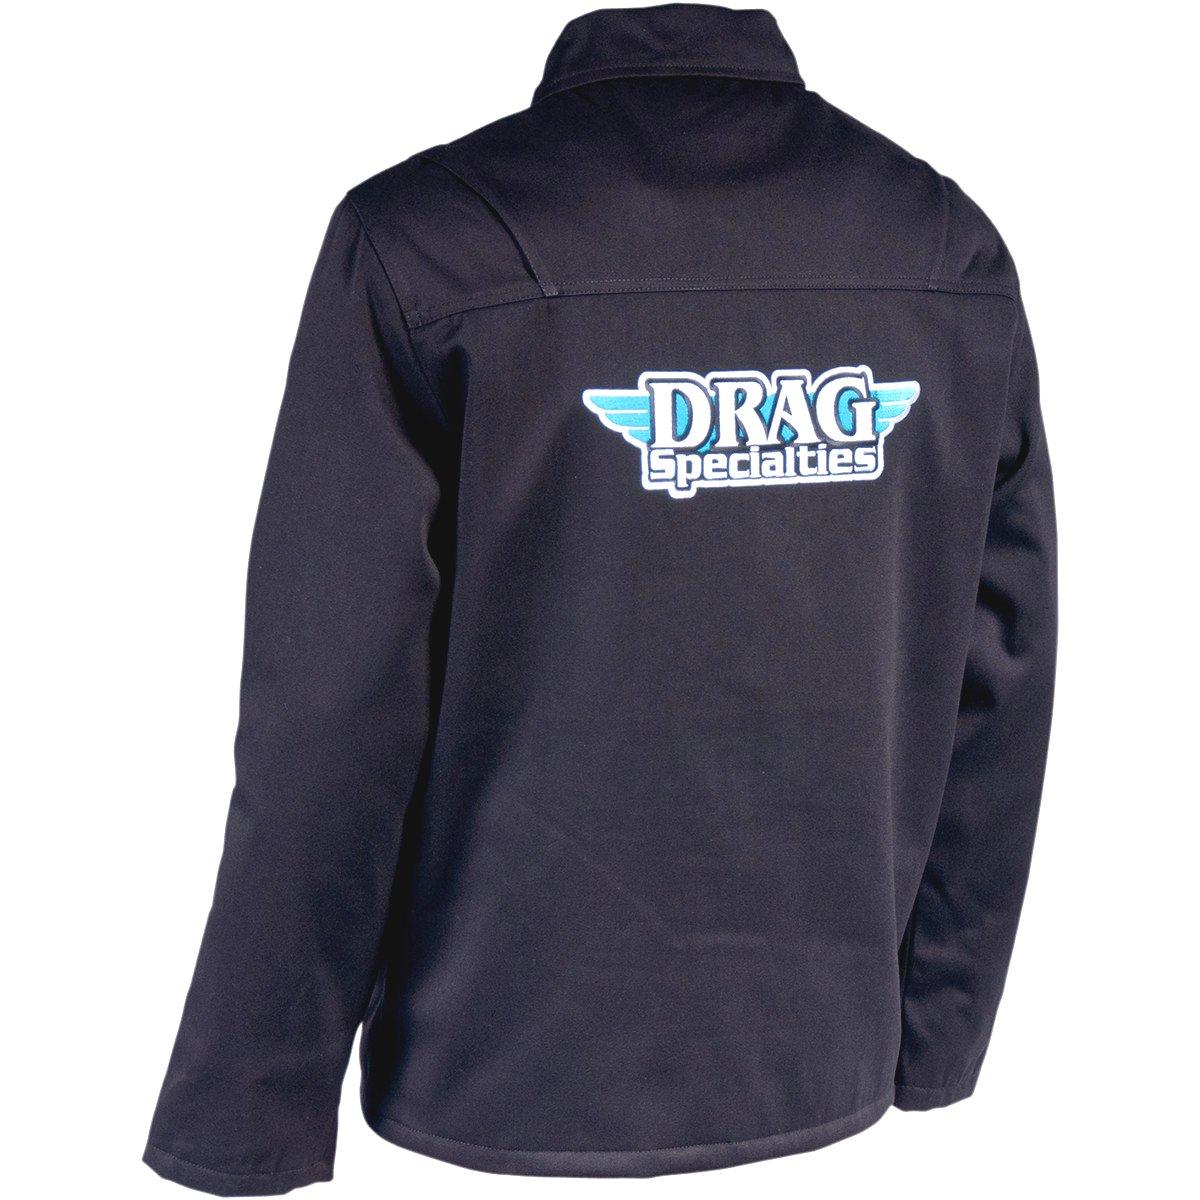 【USA在庫あり】 スロットルスレッズ Throttle Threads ショップジャケット Drag Specialties 黒 Mサイズ 3001-0260 JP店